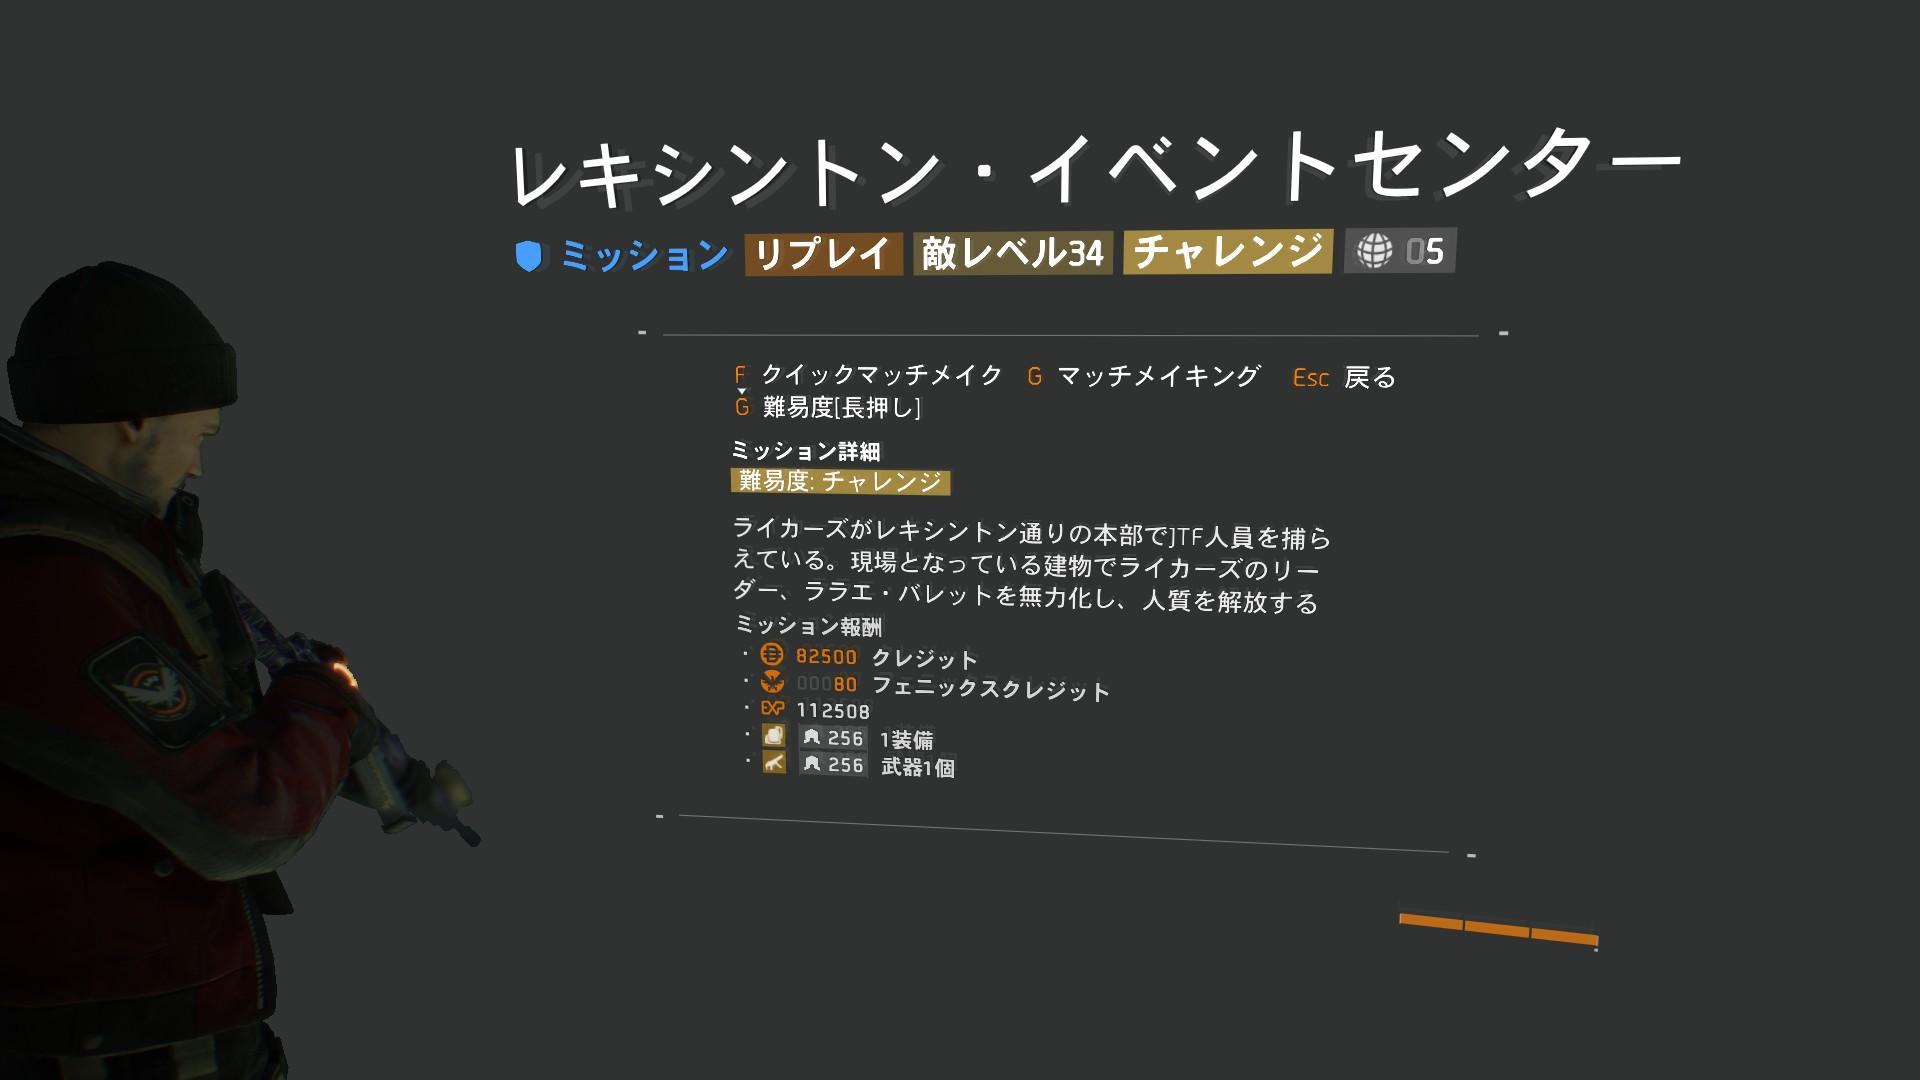 2 装備 ディビジョン ネームド